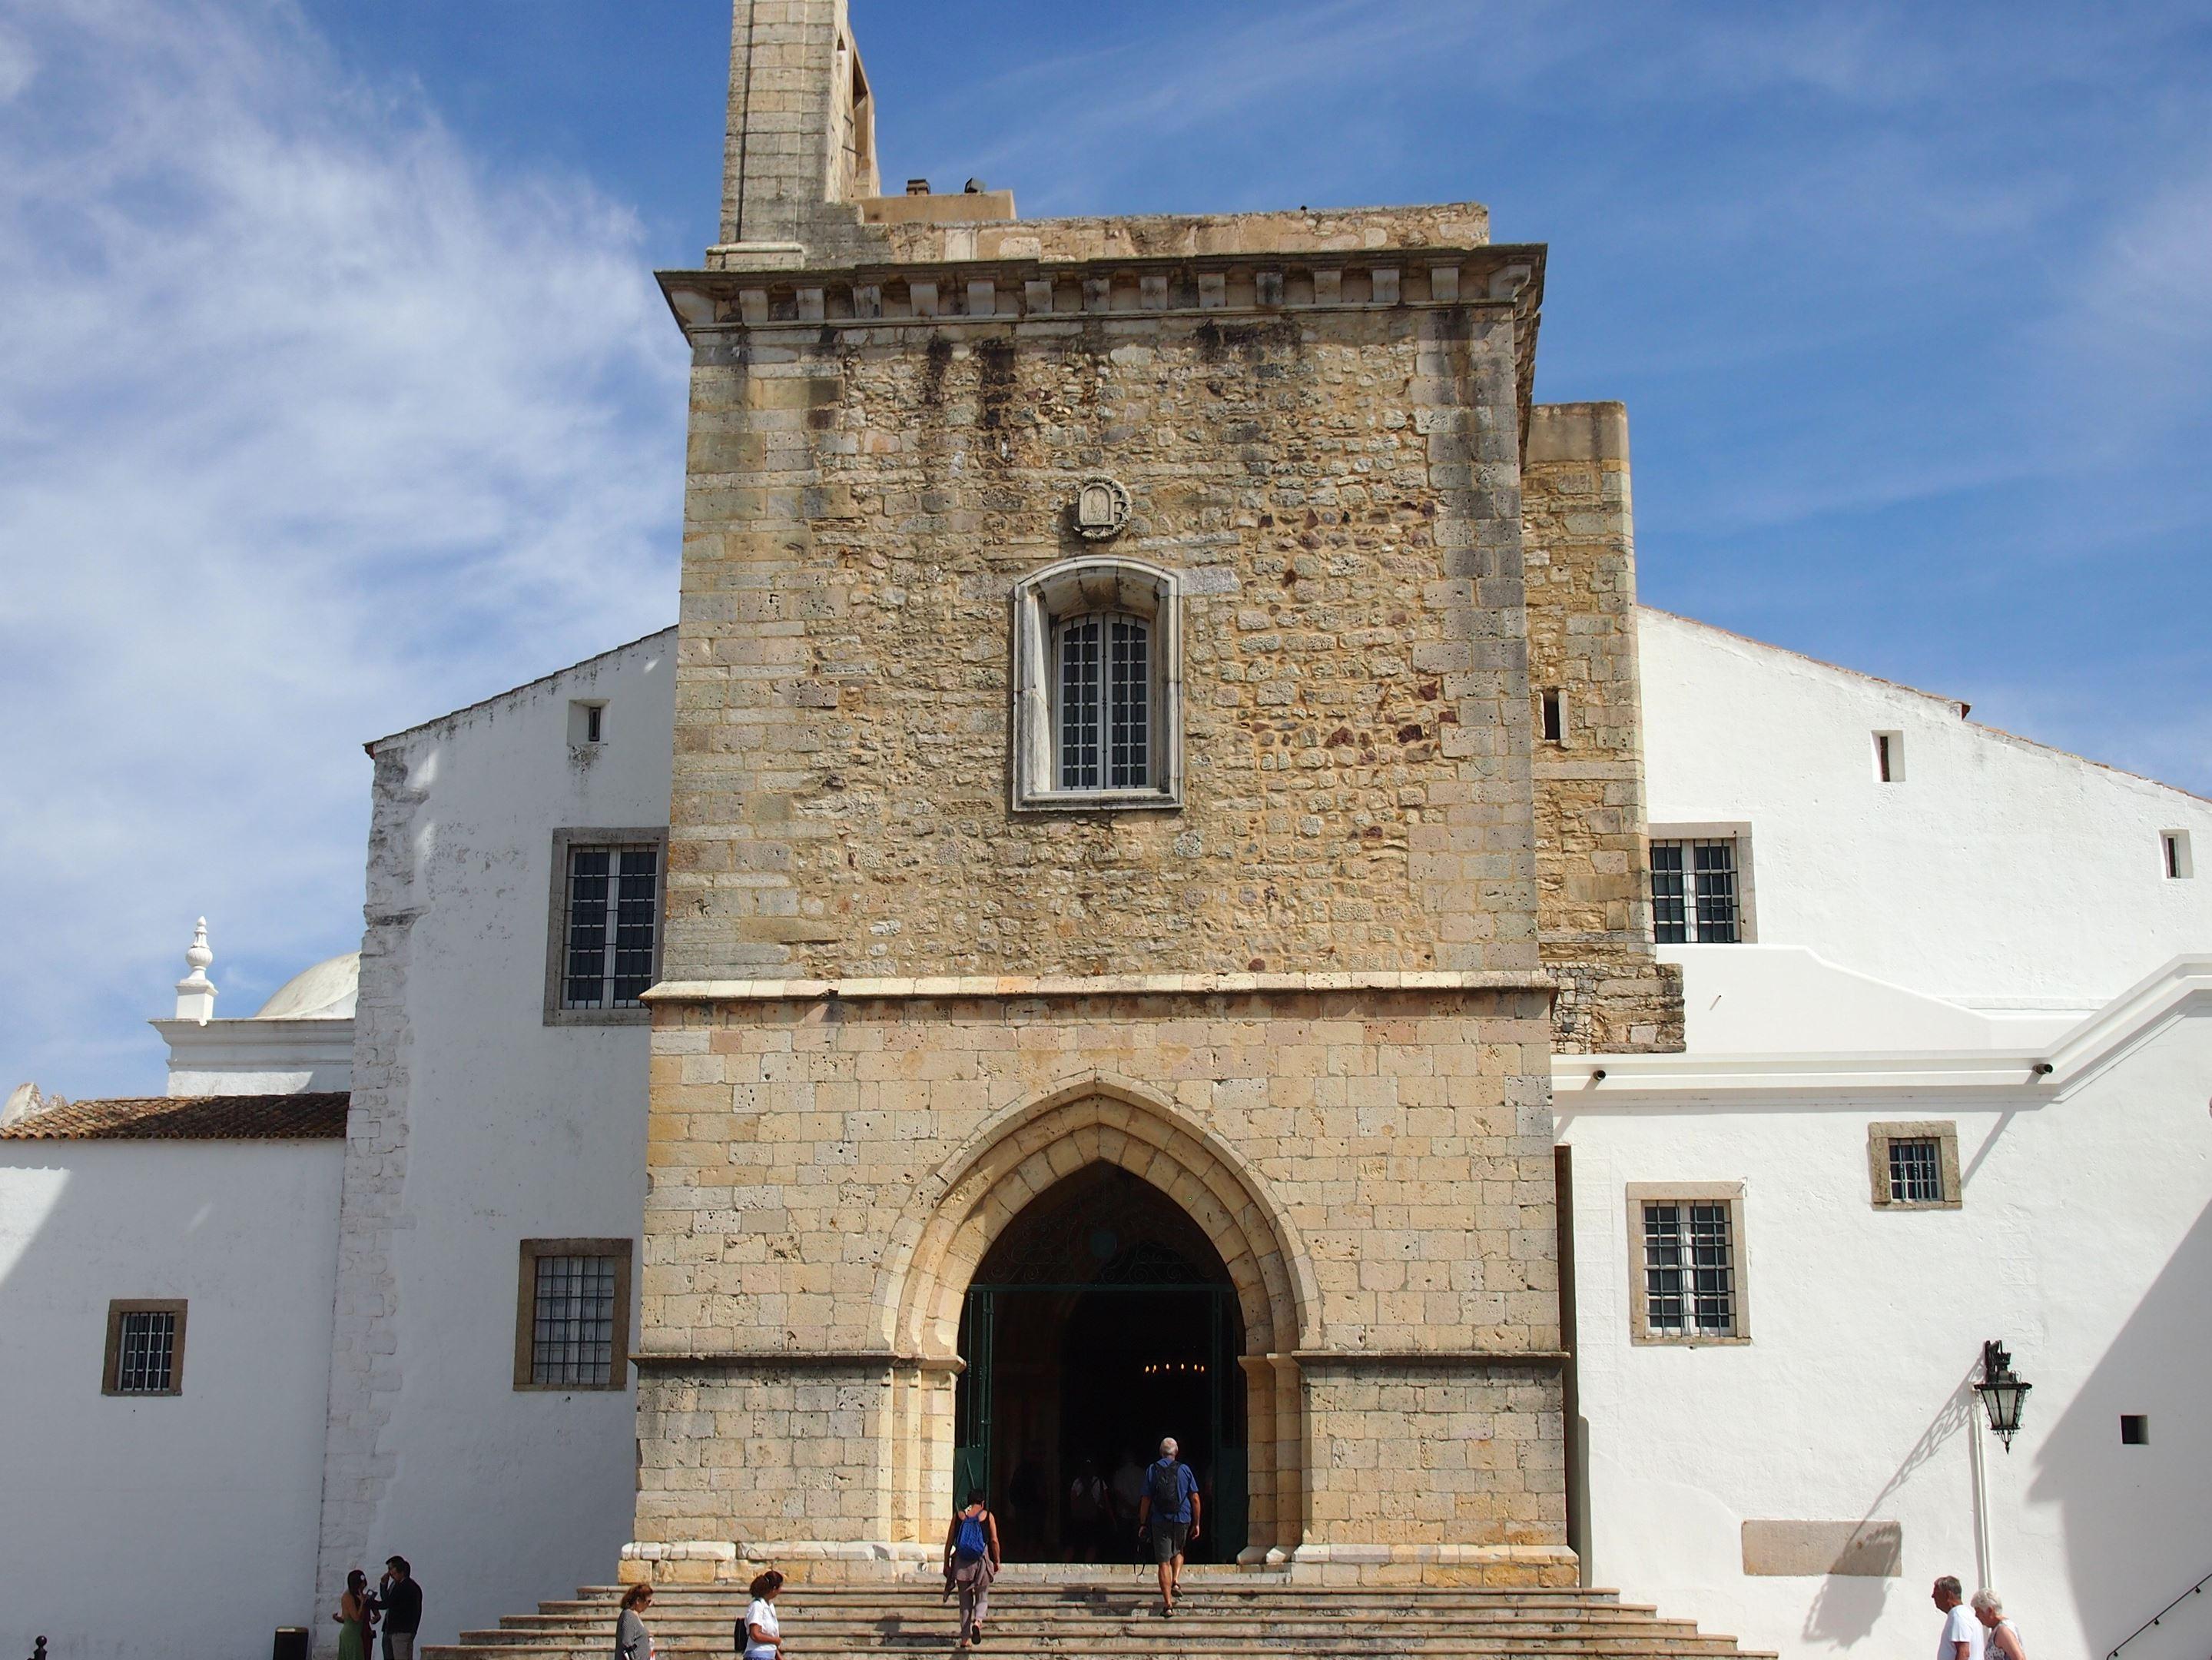 Cathédrale de Faro située dans la vieille ville